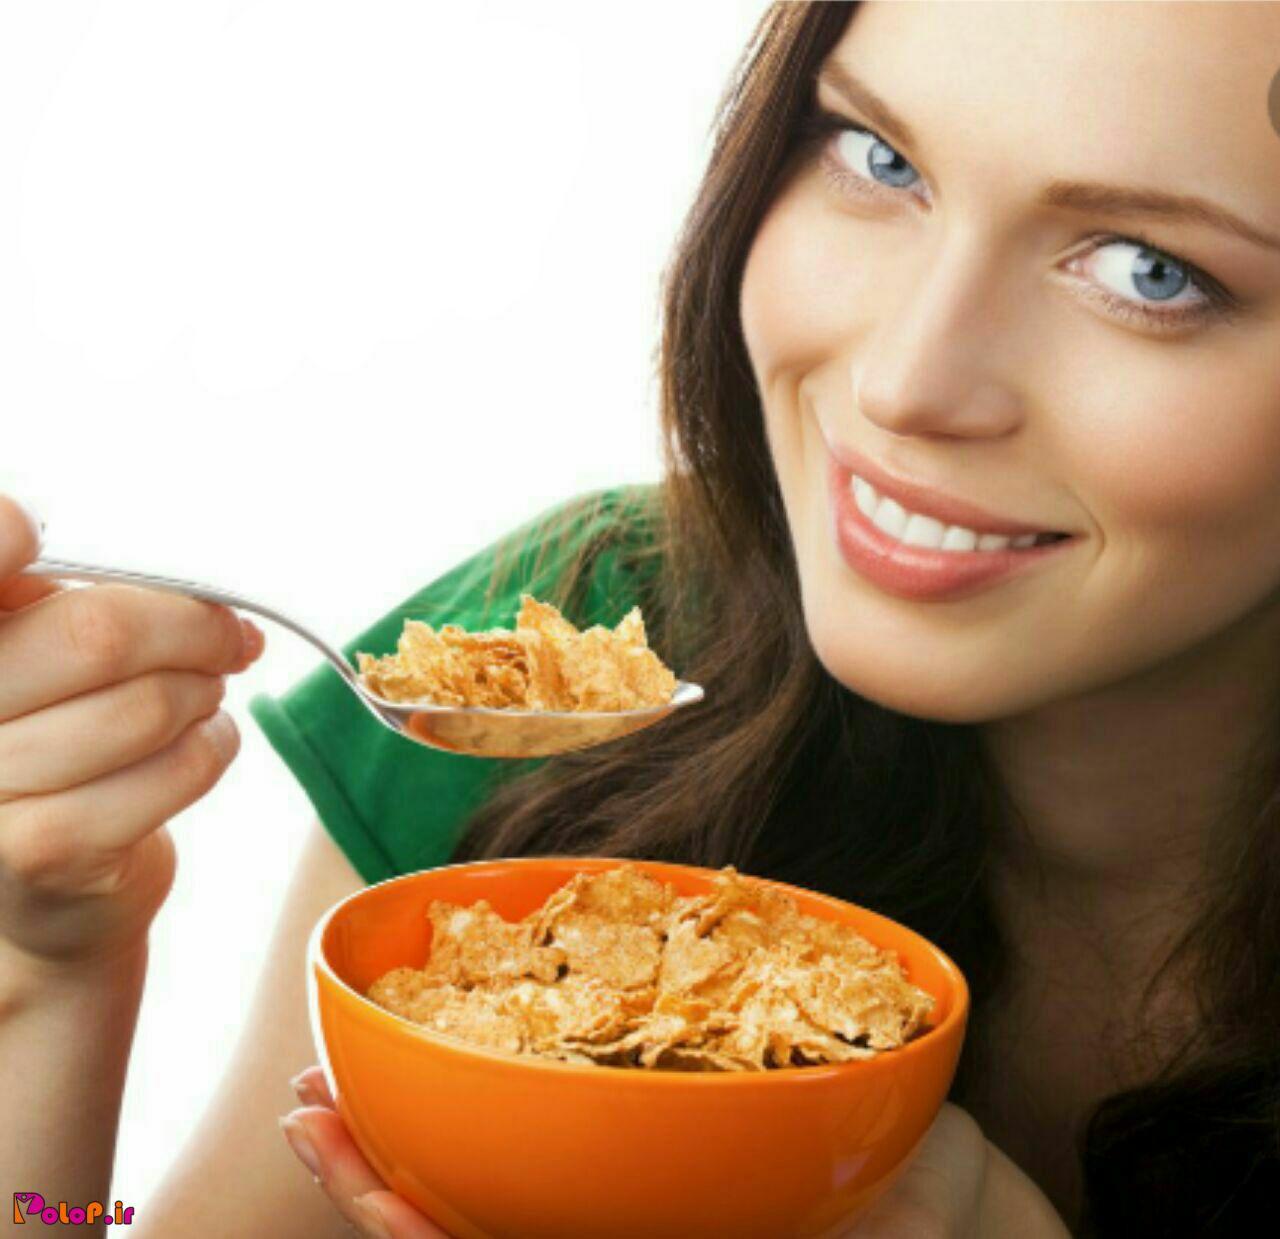 ۱۰ قانون مهم غذا خوردن